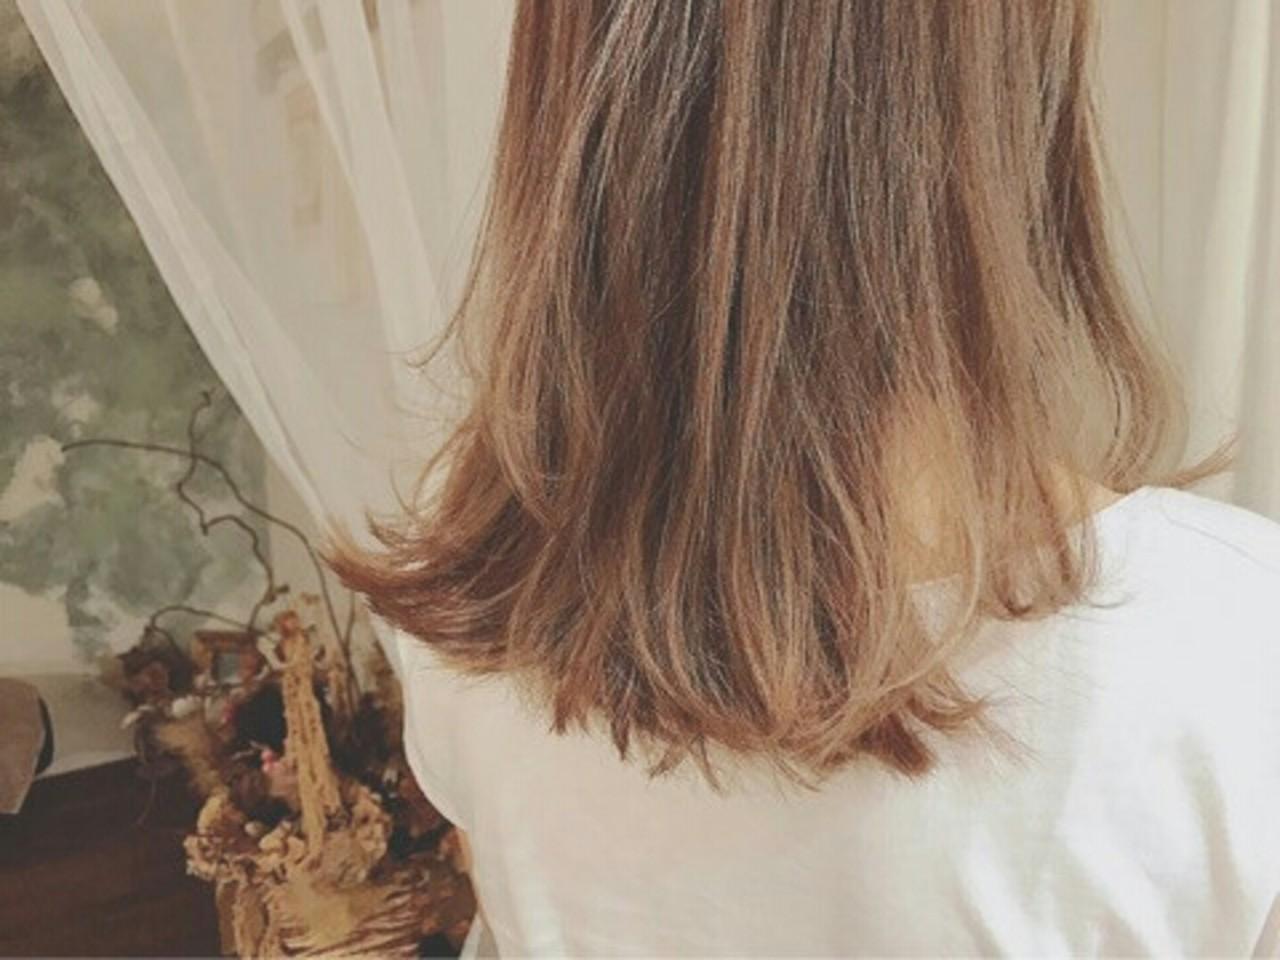 モード 外国人風 グレージュ セミロング ヘアスタイルや髪型の写真・画像